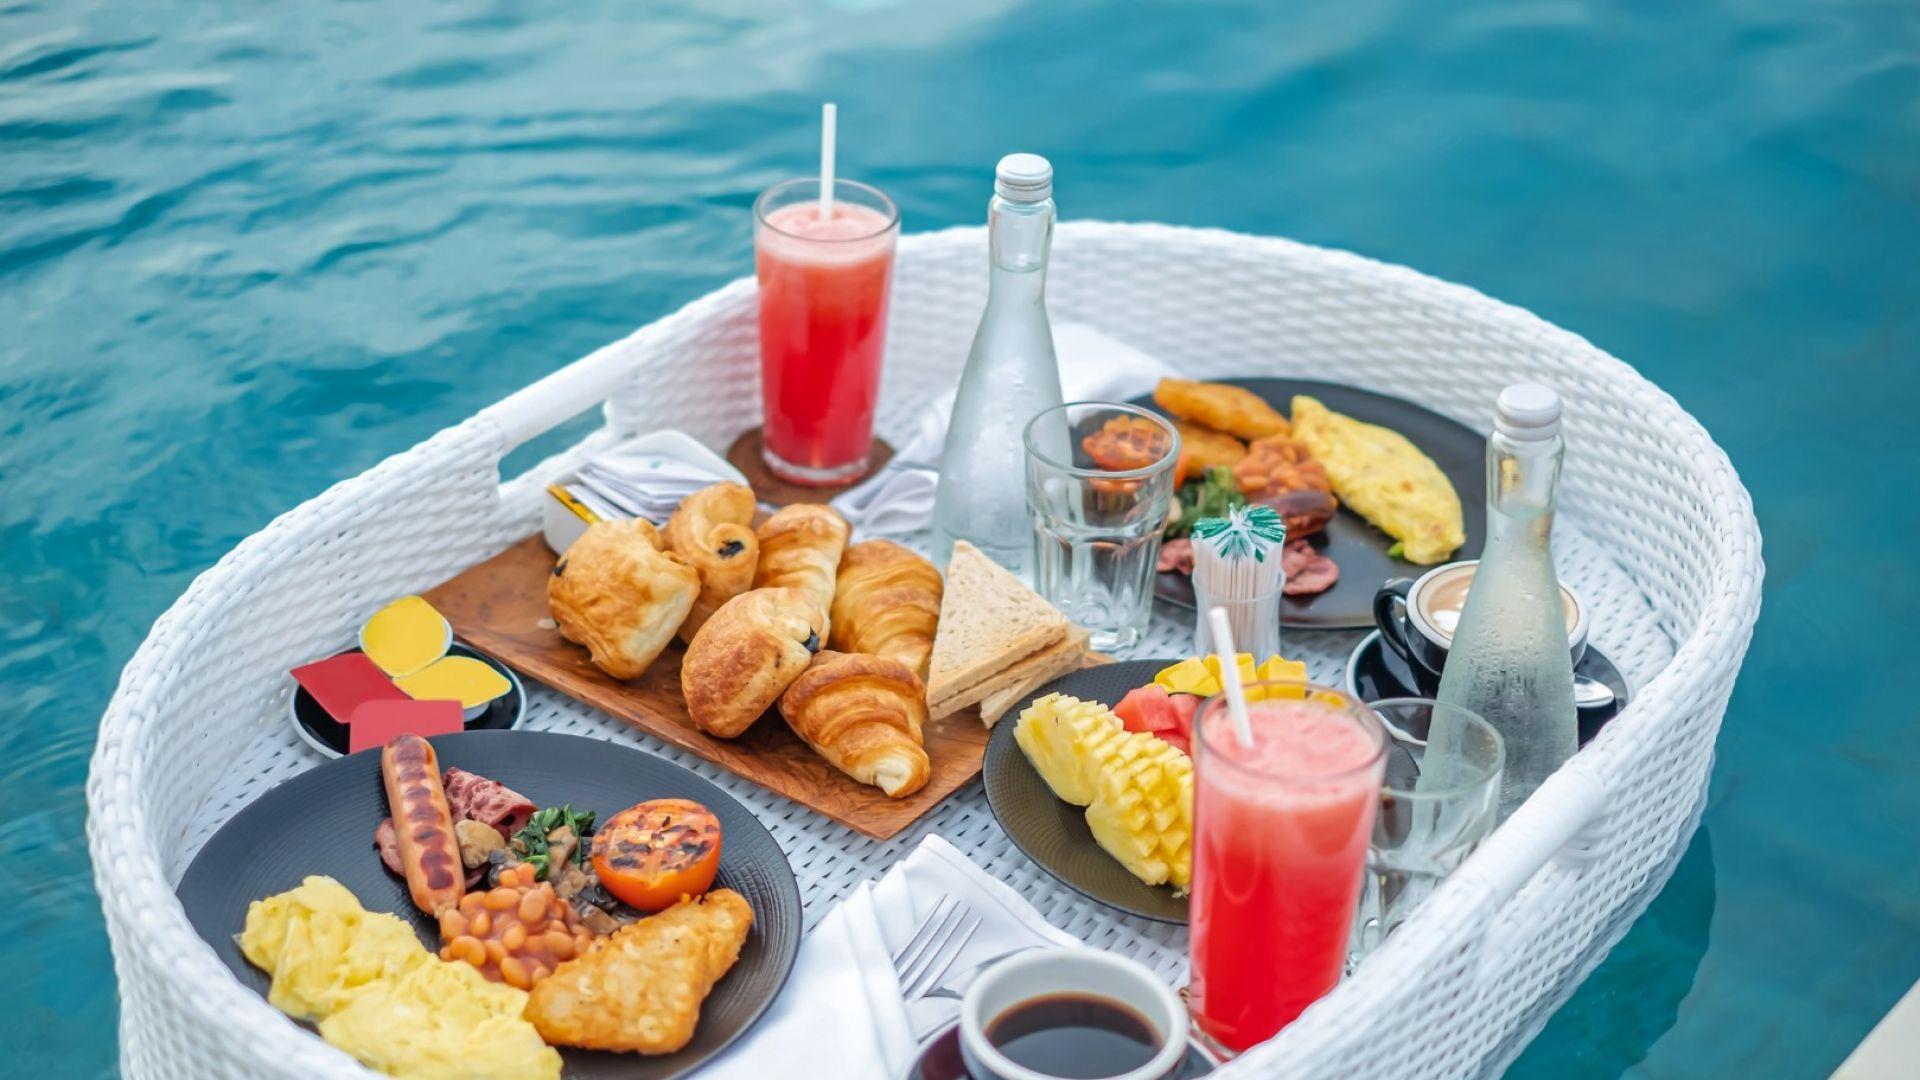 Плаваща закуска - новата мода в луксозните хотели